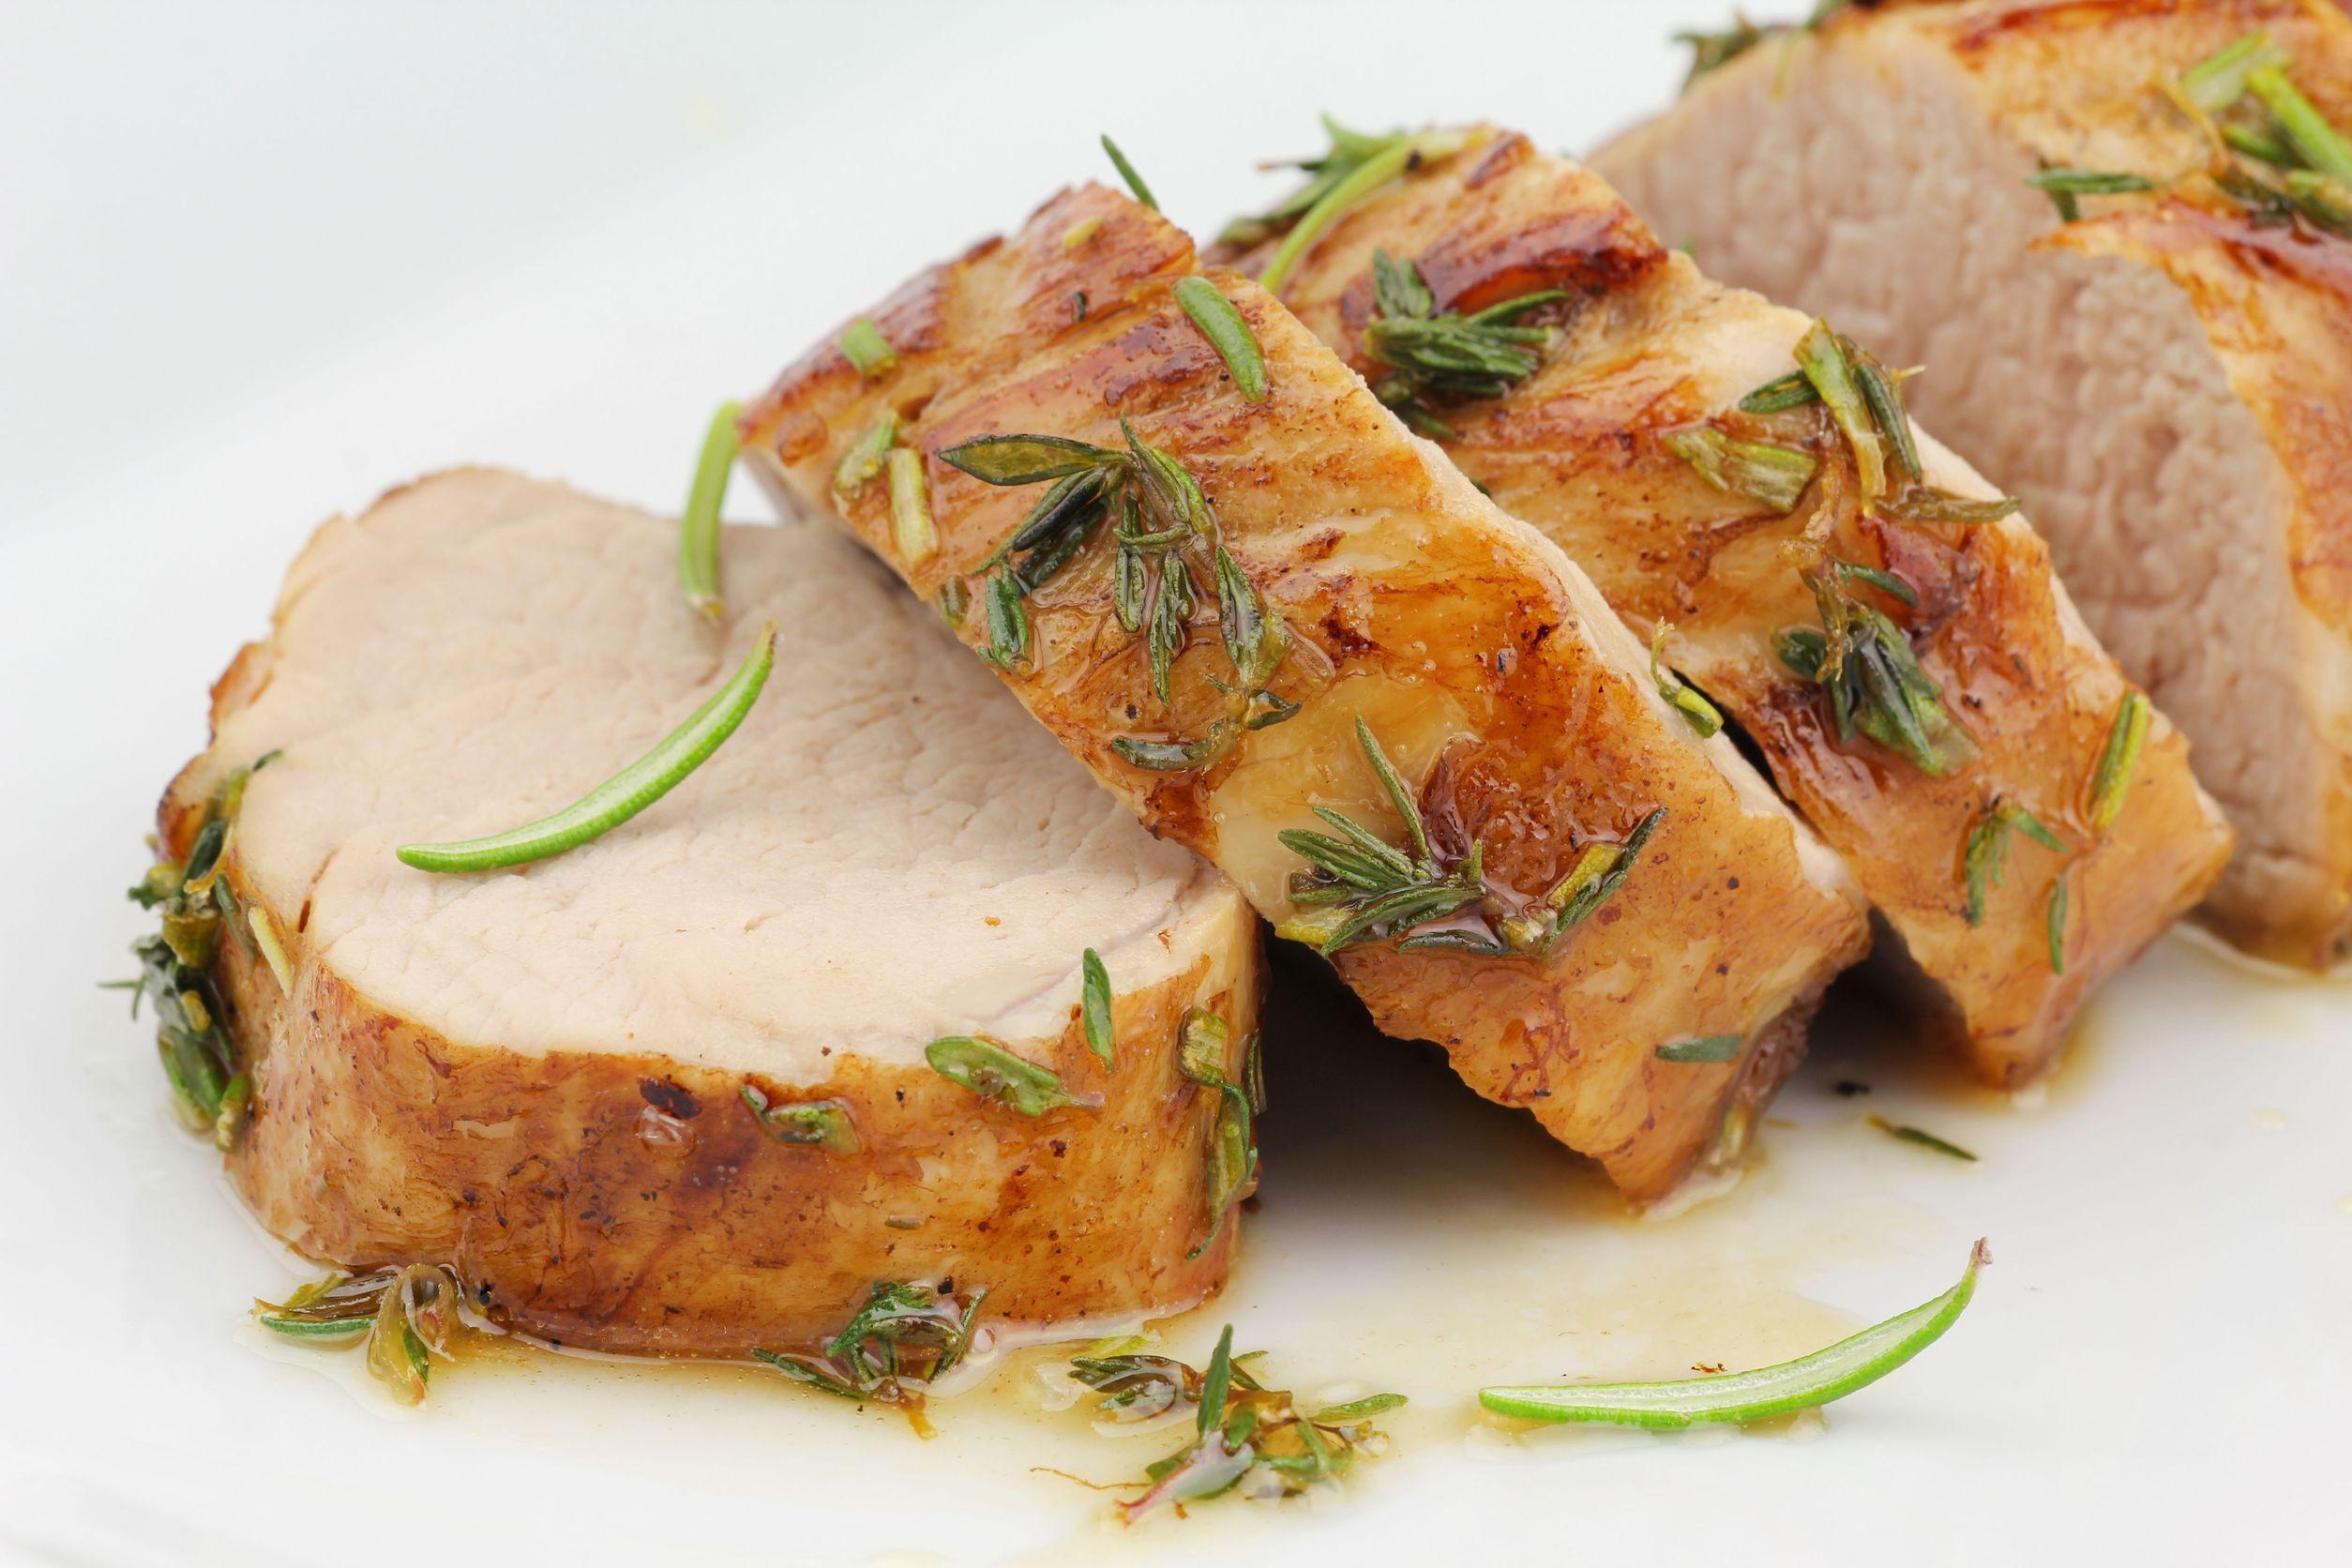 Easy Pork Tenderloin Recipes  Easy Roasted Pork Tenderloin Recipe